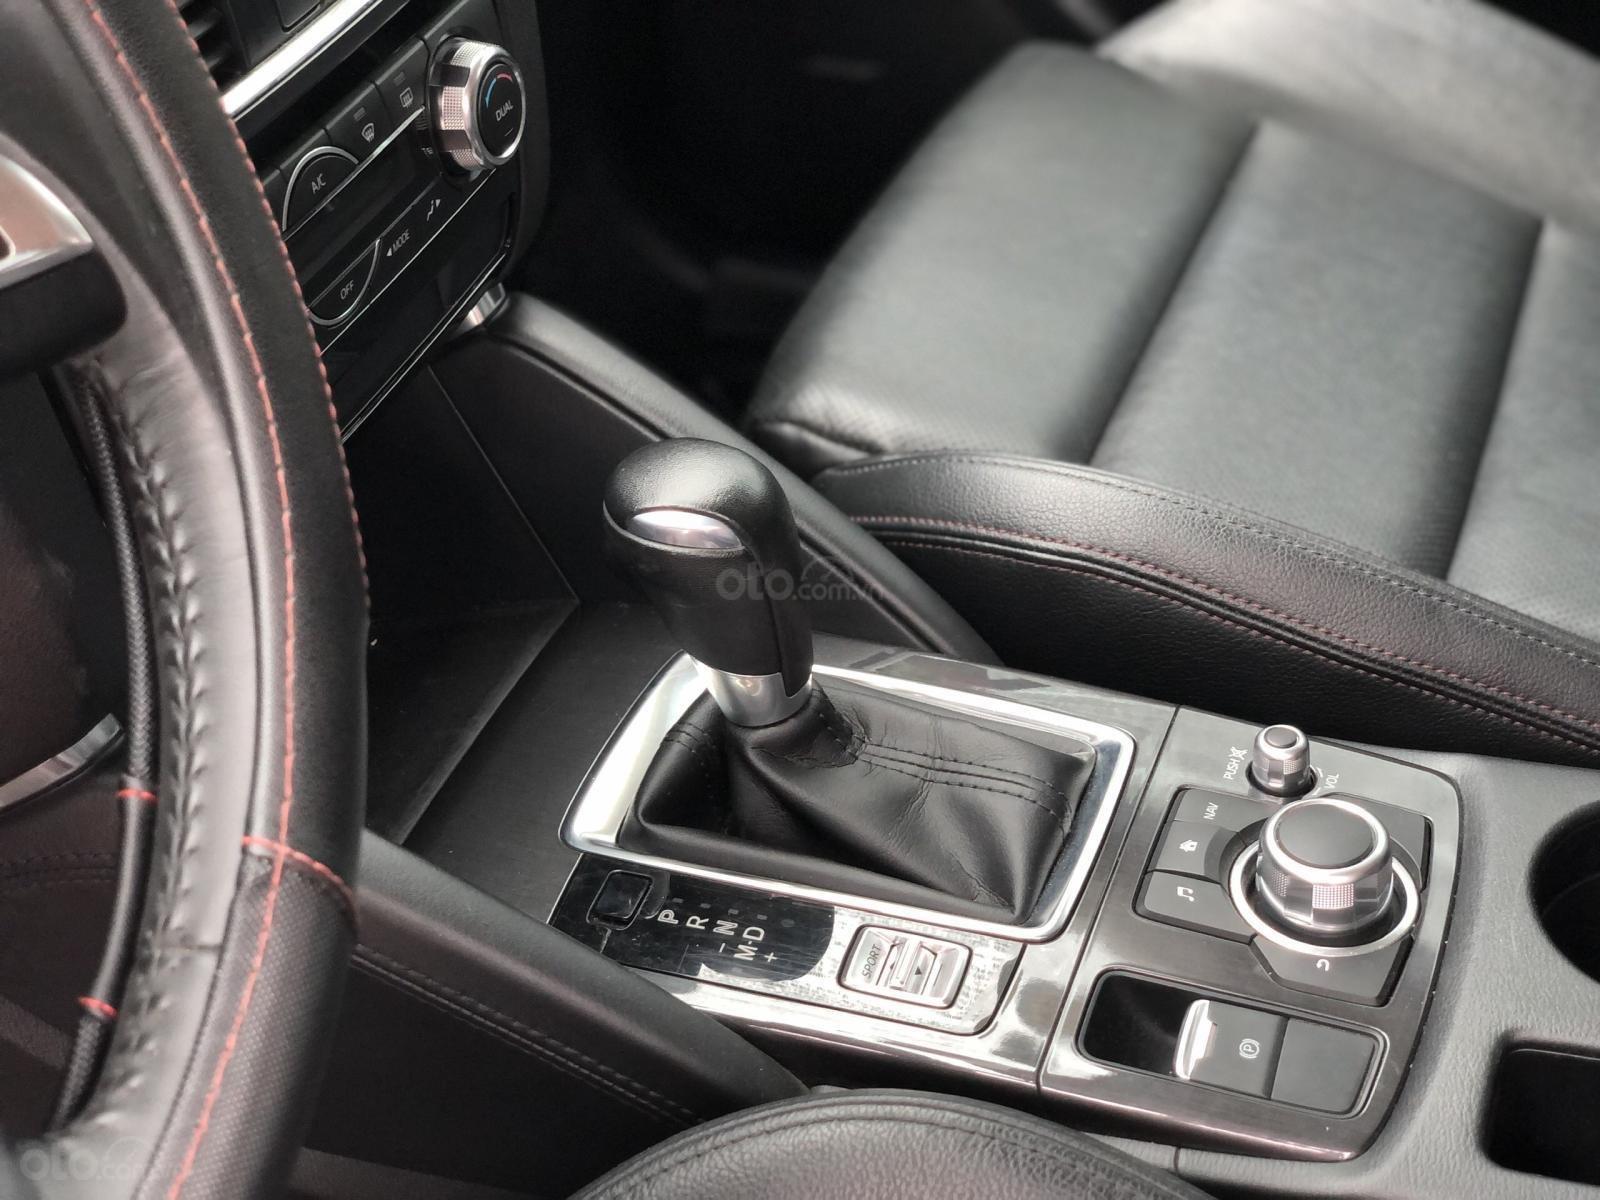 Bán gấp Mazda CX 5 sản xuất năm 2017, xe đẹp mới long lanh (2)